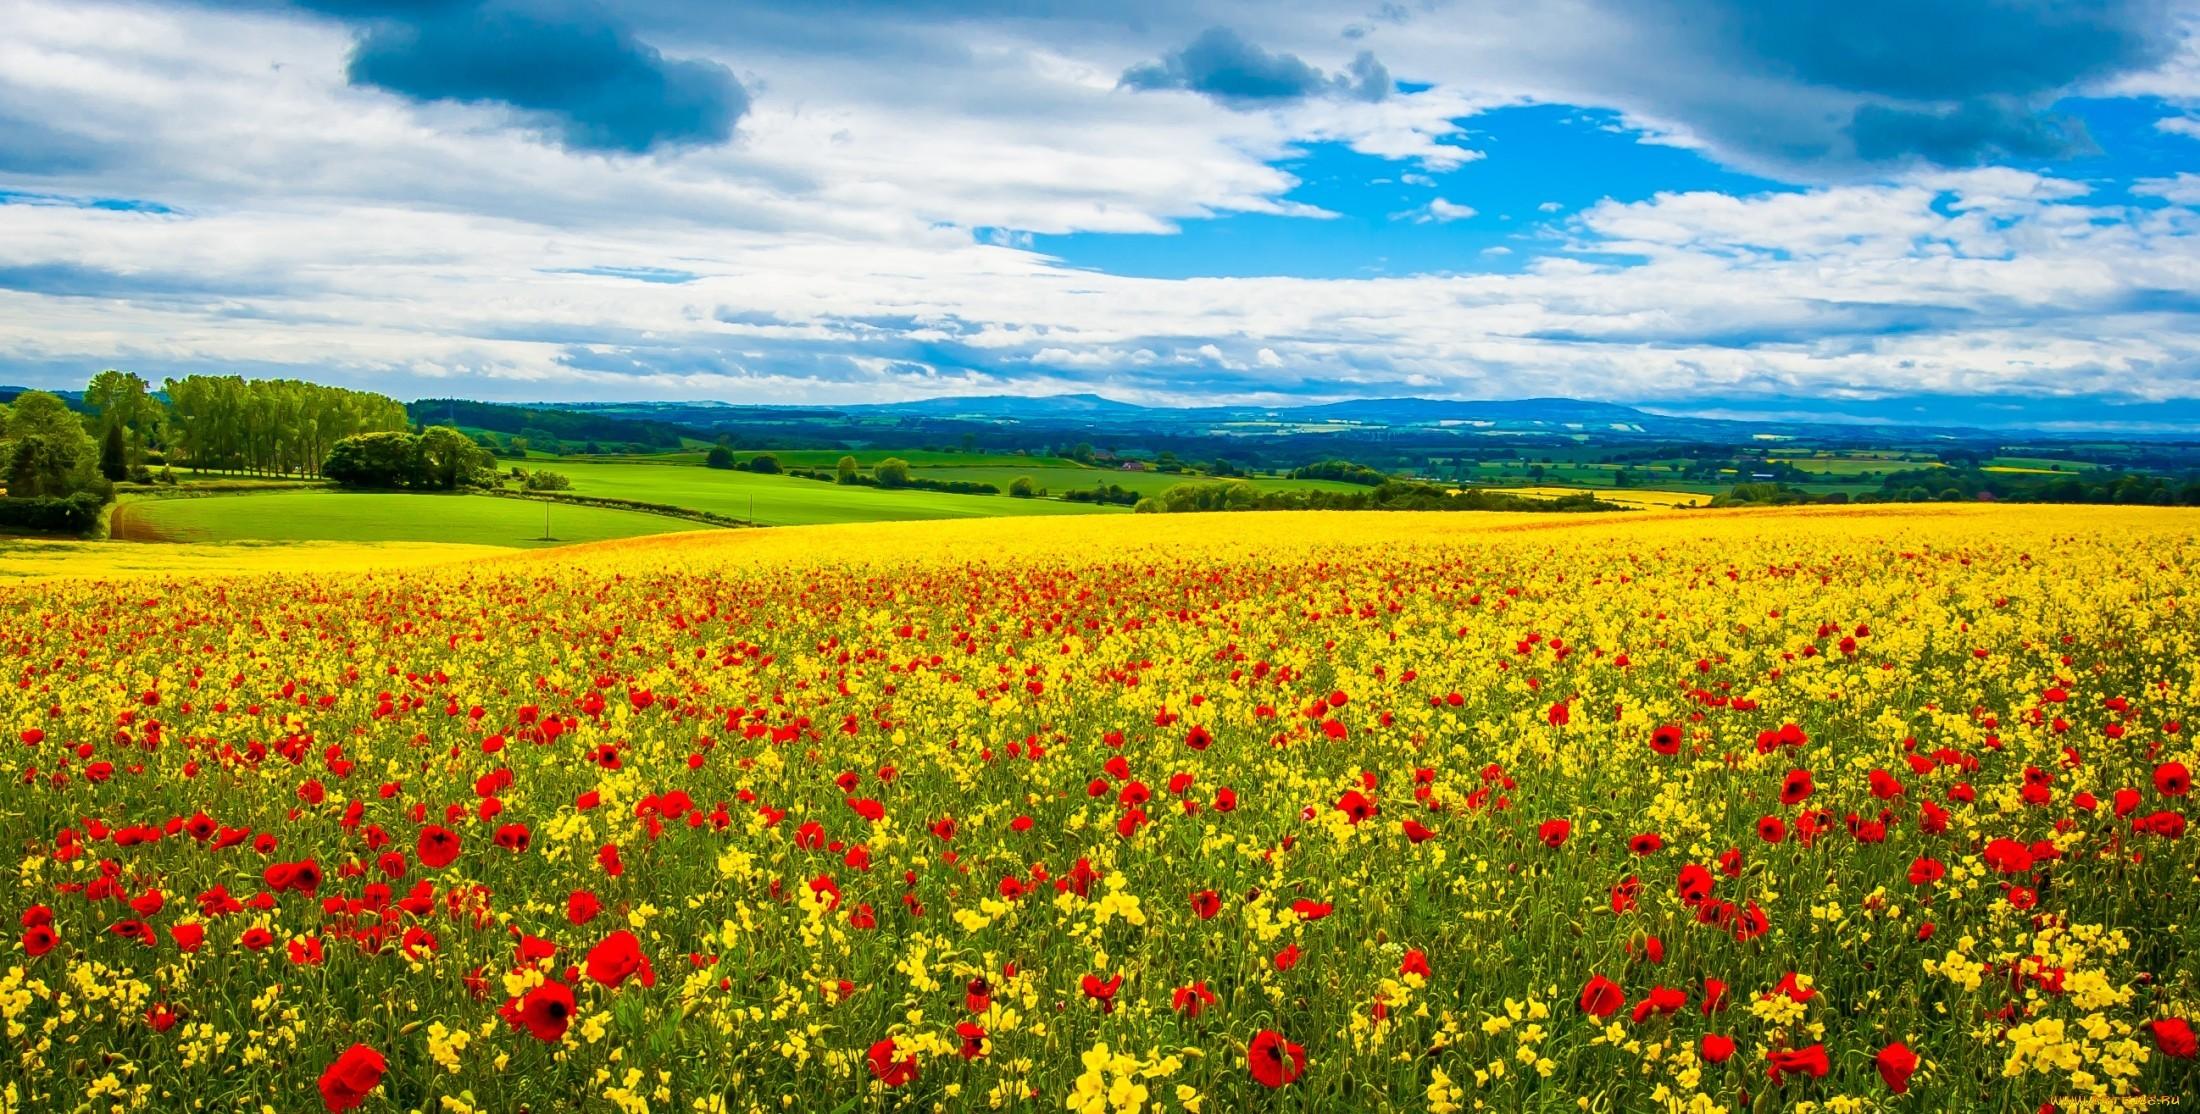 17943 скачать обои Пейзаж, Поля, Небо, Маки, Облака - заставки и картинки бесплатно